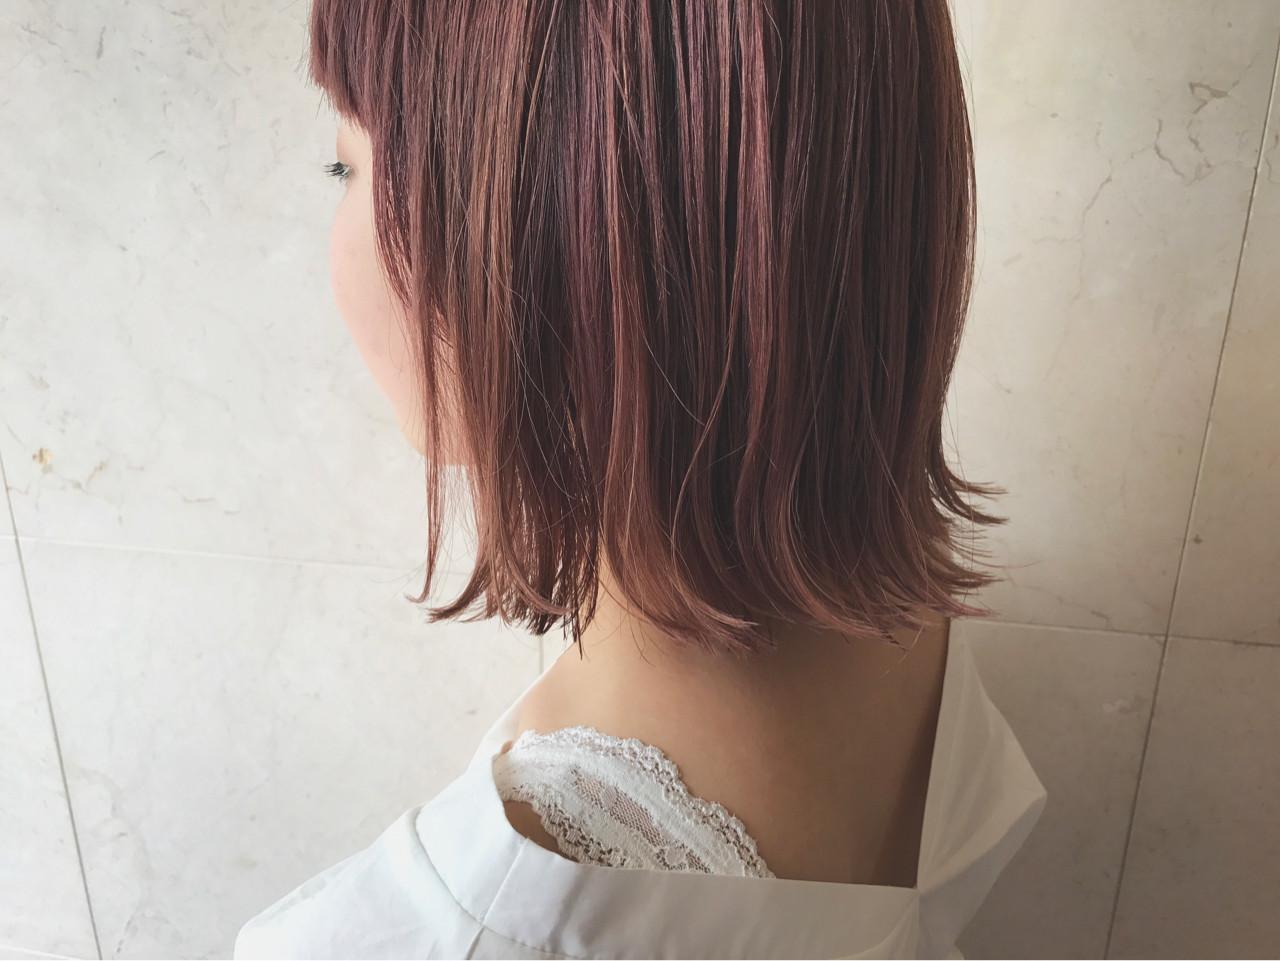 フェミニンな髪色でモテを目指す!ピンクアッシュでつくるスウィートヘア 野間祐樹